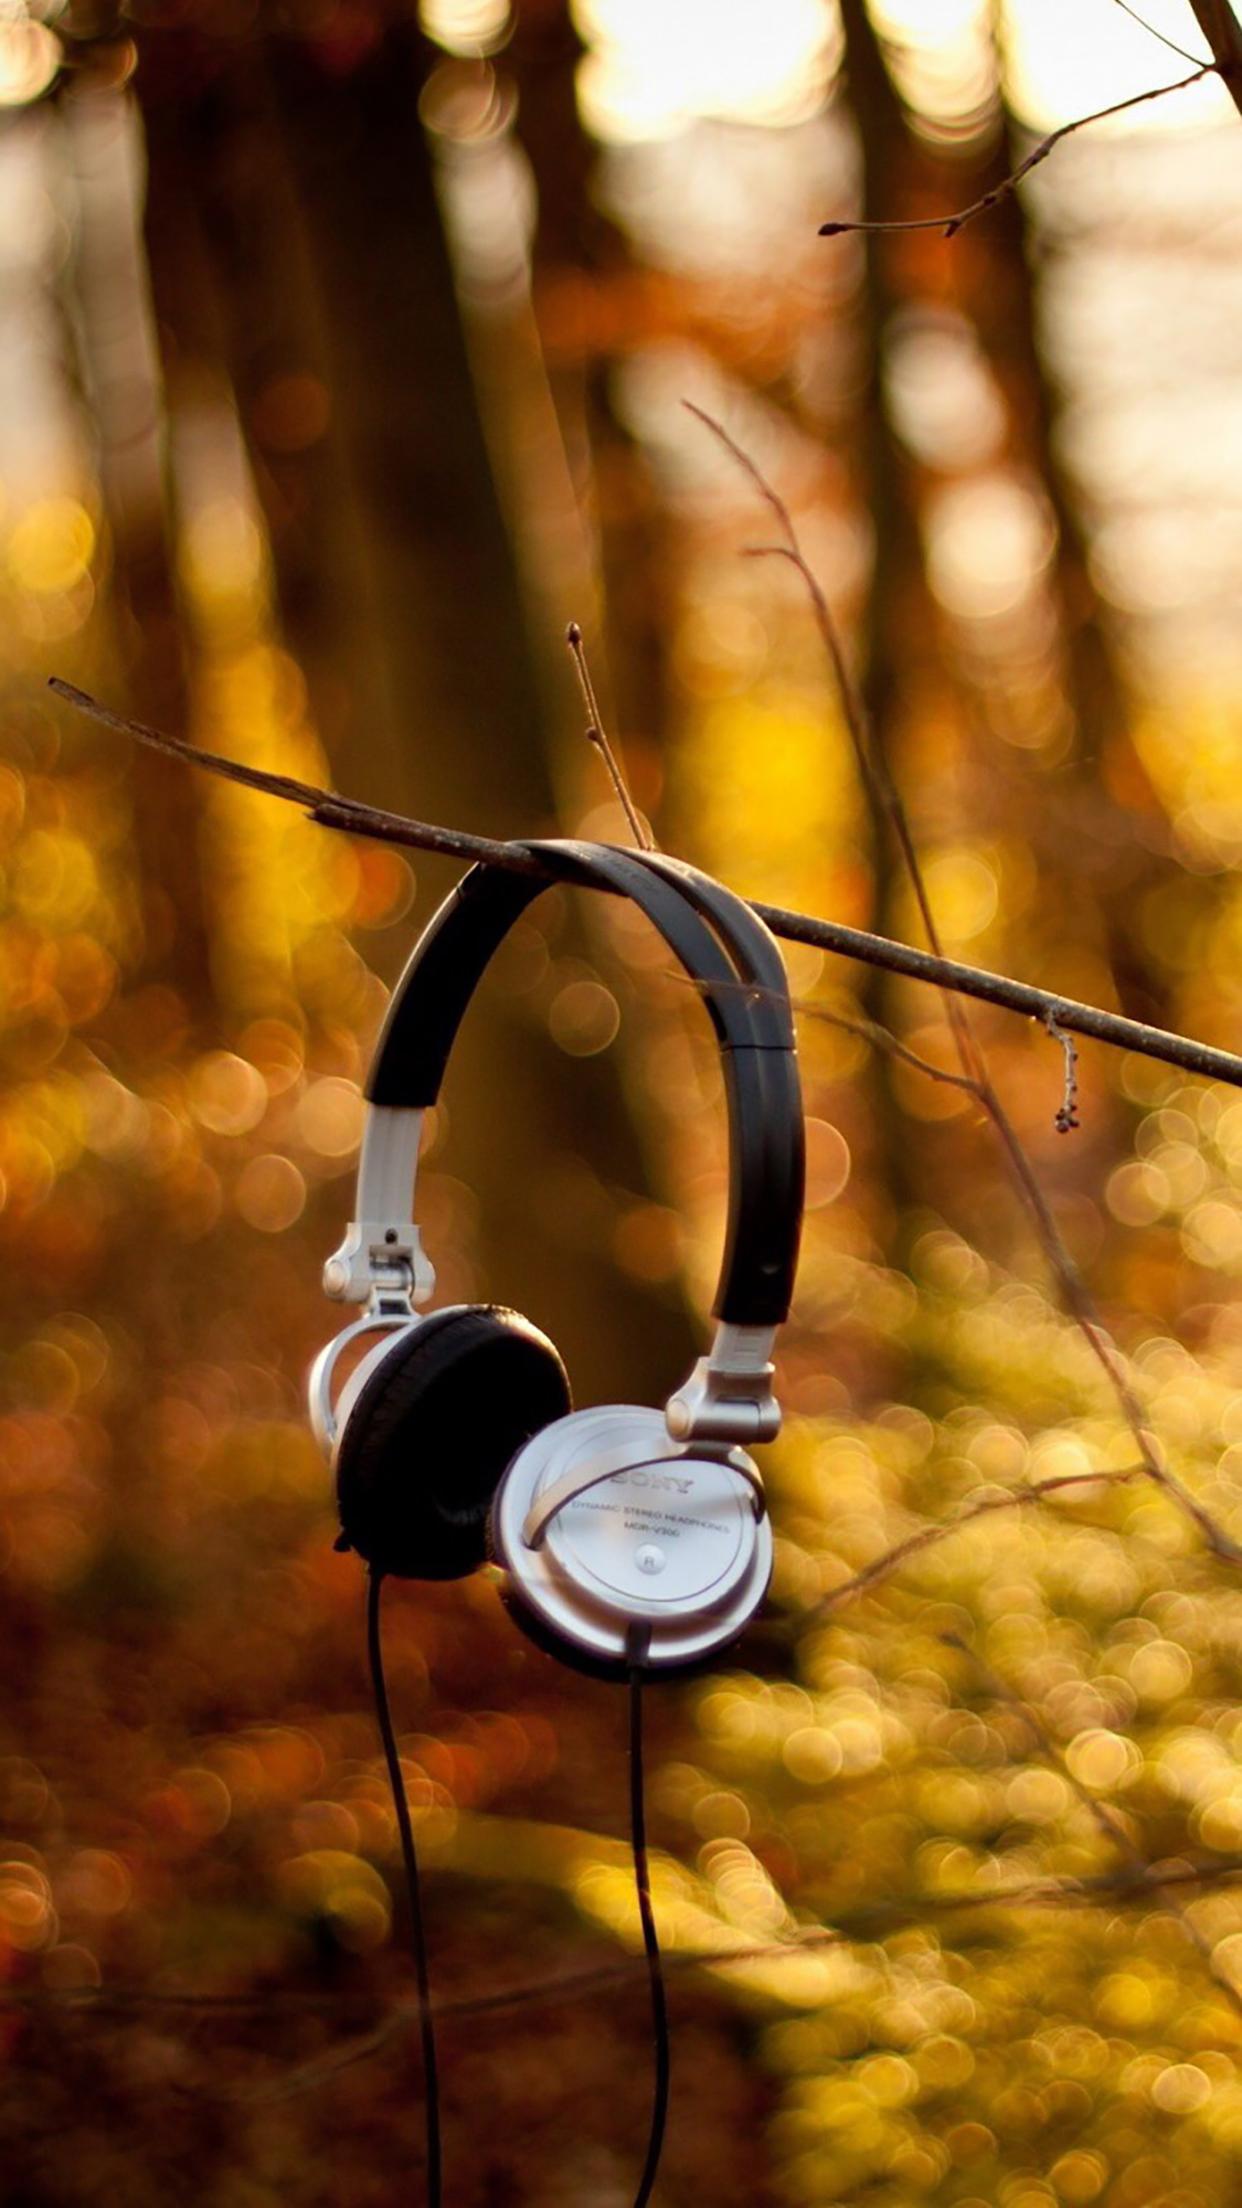 Headphones On Branch 3Wallpapers iPhone Parallax Headphones : On Branch